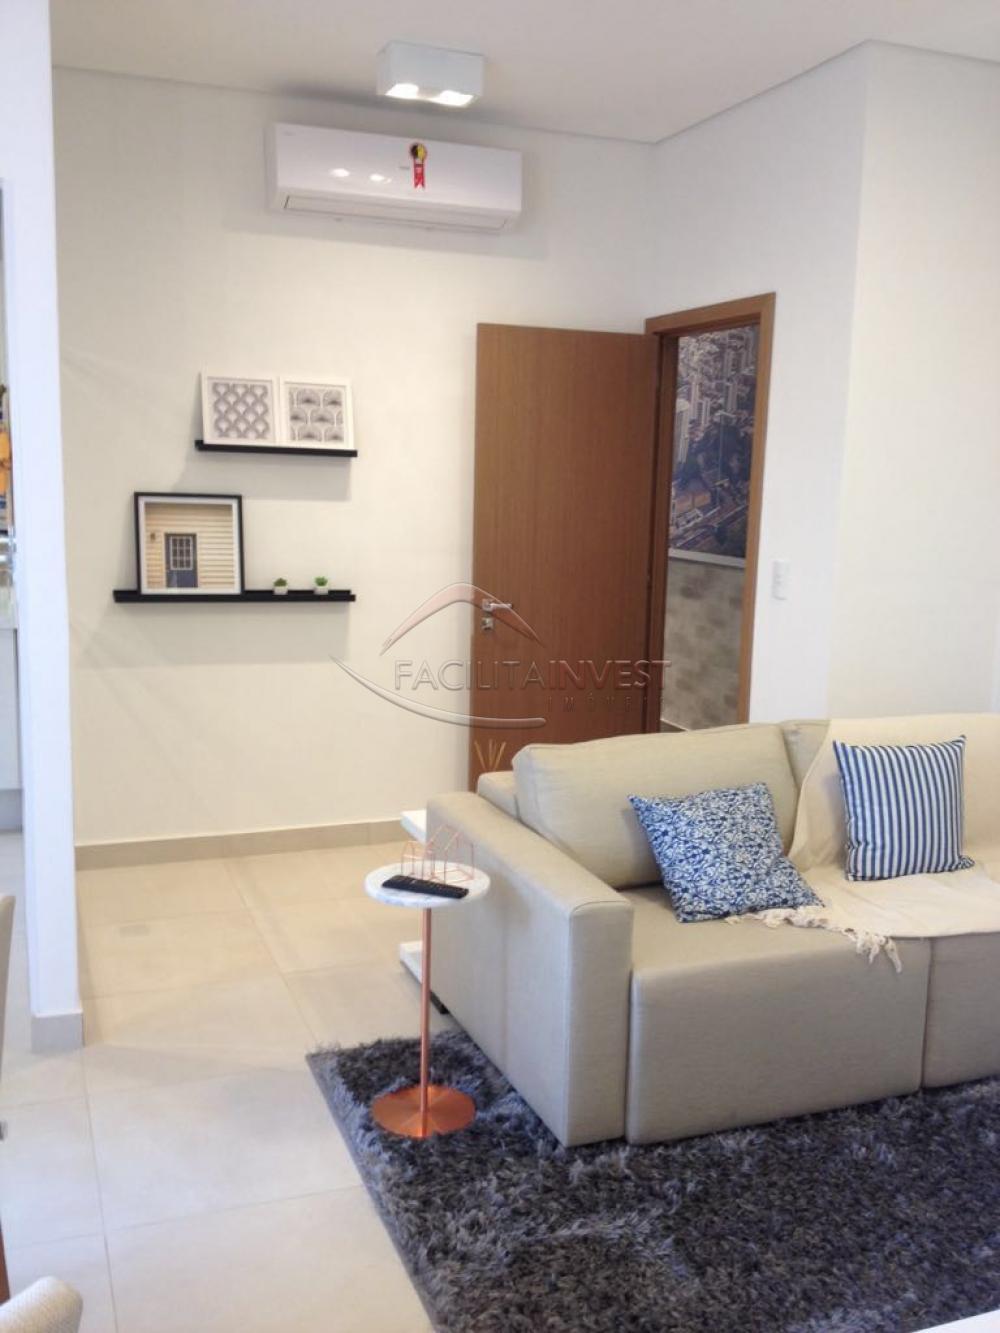 Comprar Apartamentos / Apart. Padrão em Ribeirão Preto apenas R$ 277.149,00 - Foto 5